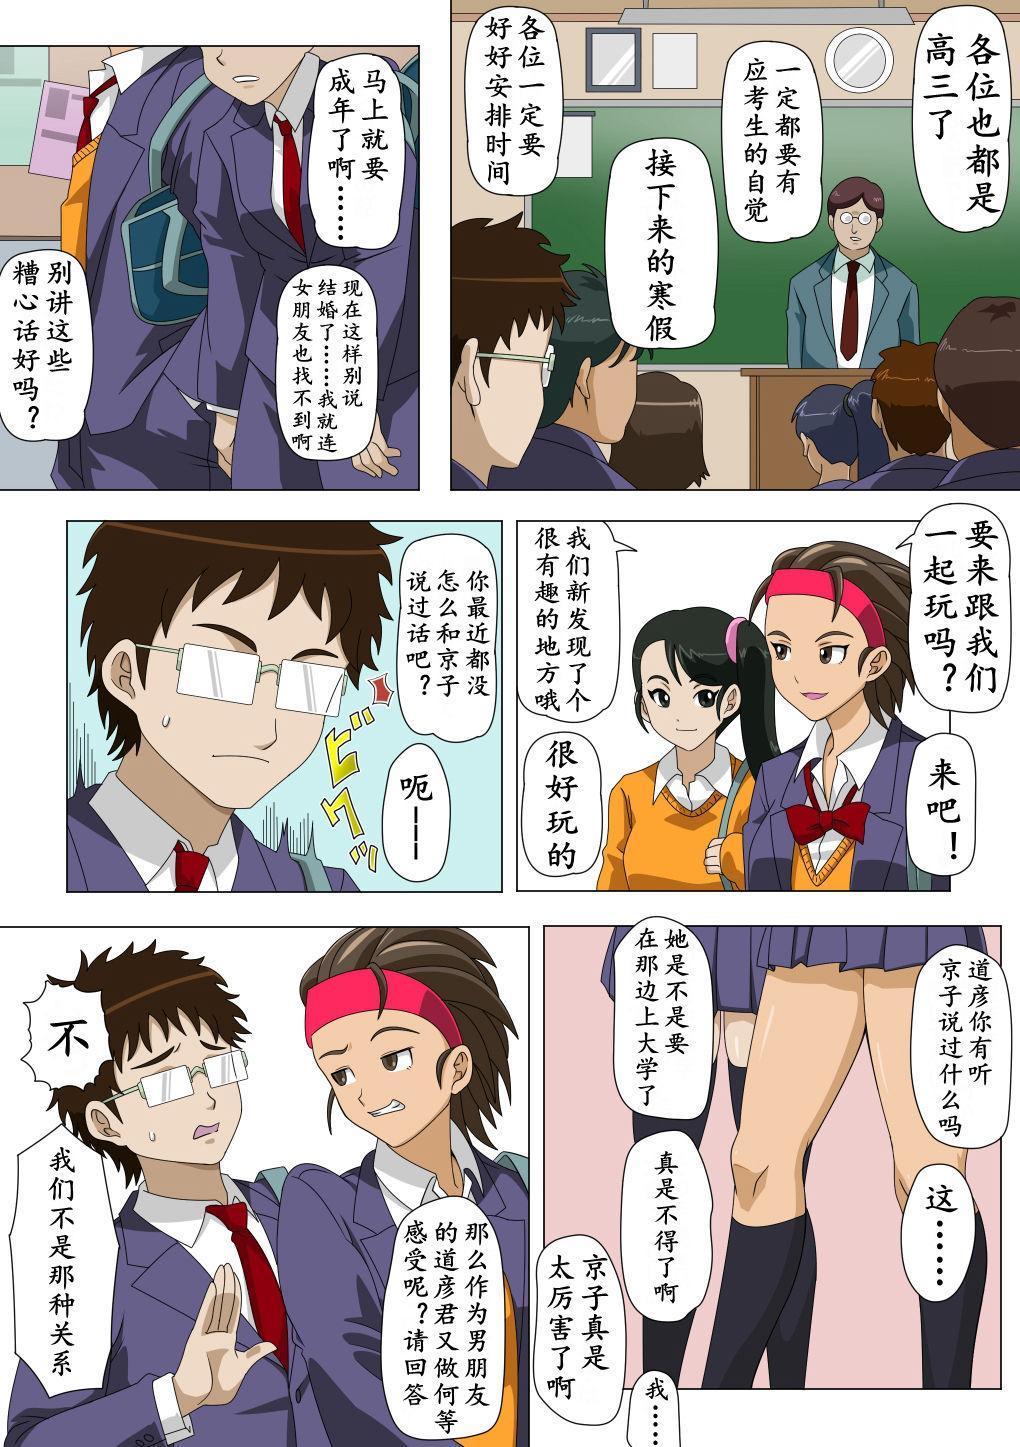 Ryuugaku Shita Osananajimi 2   留学的青梅竹马2 2